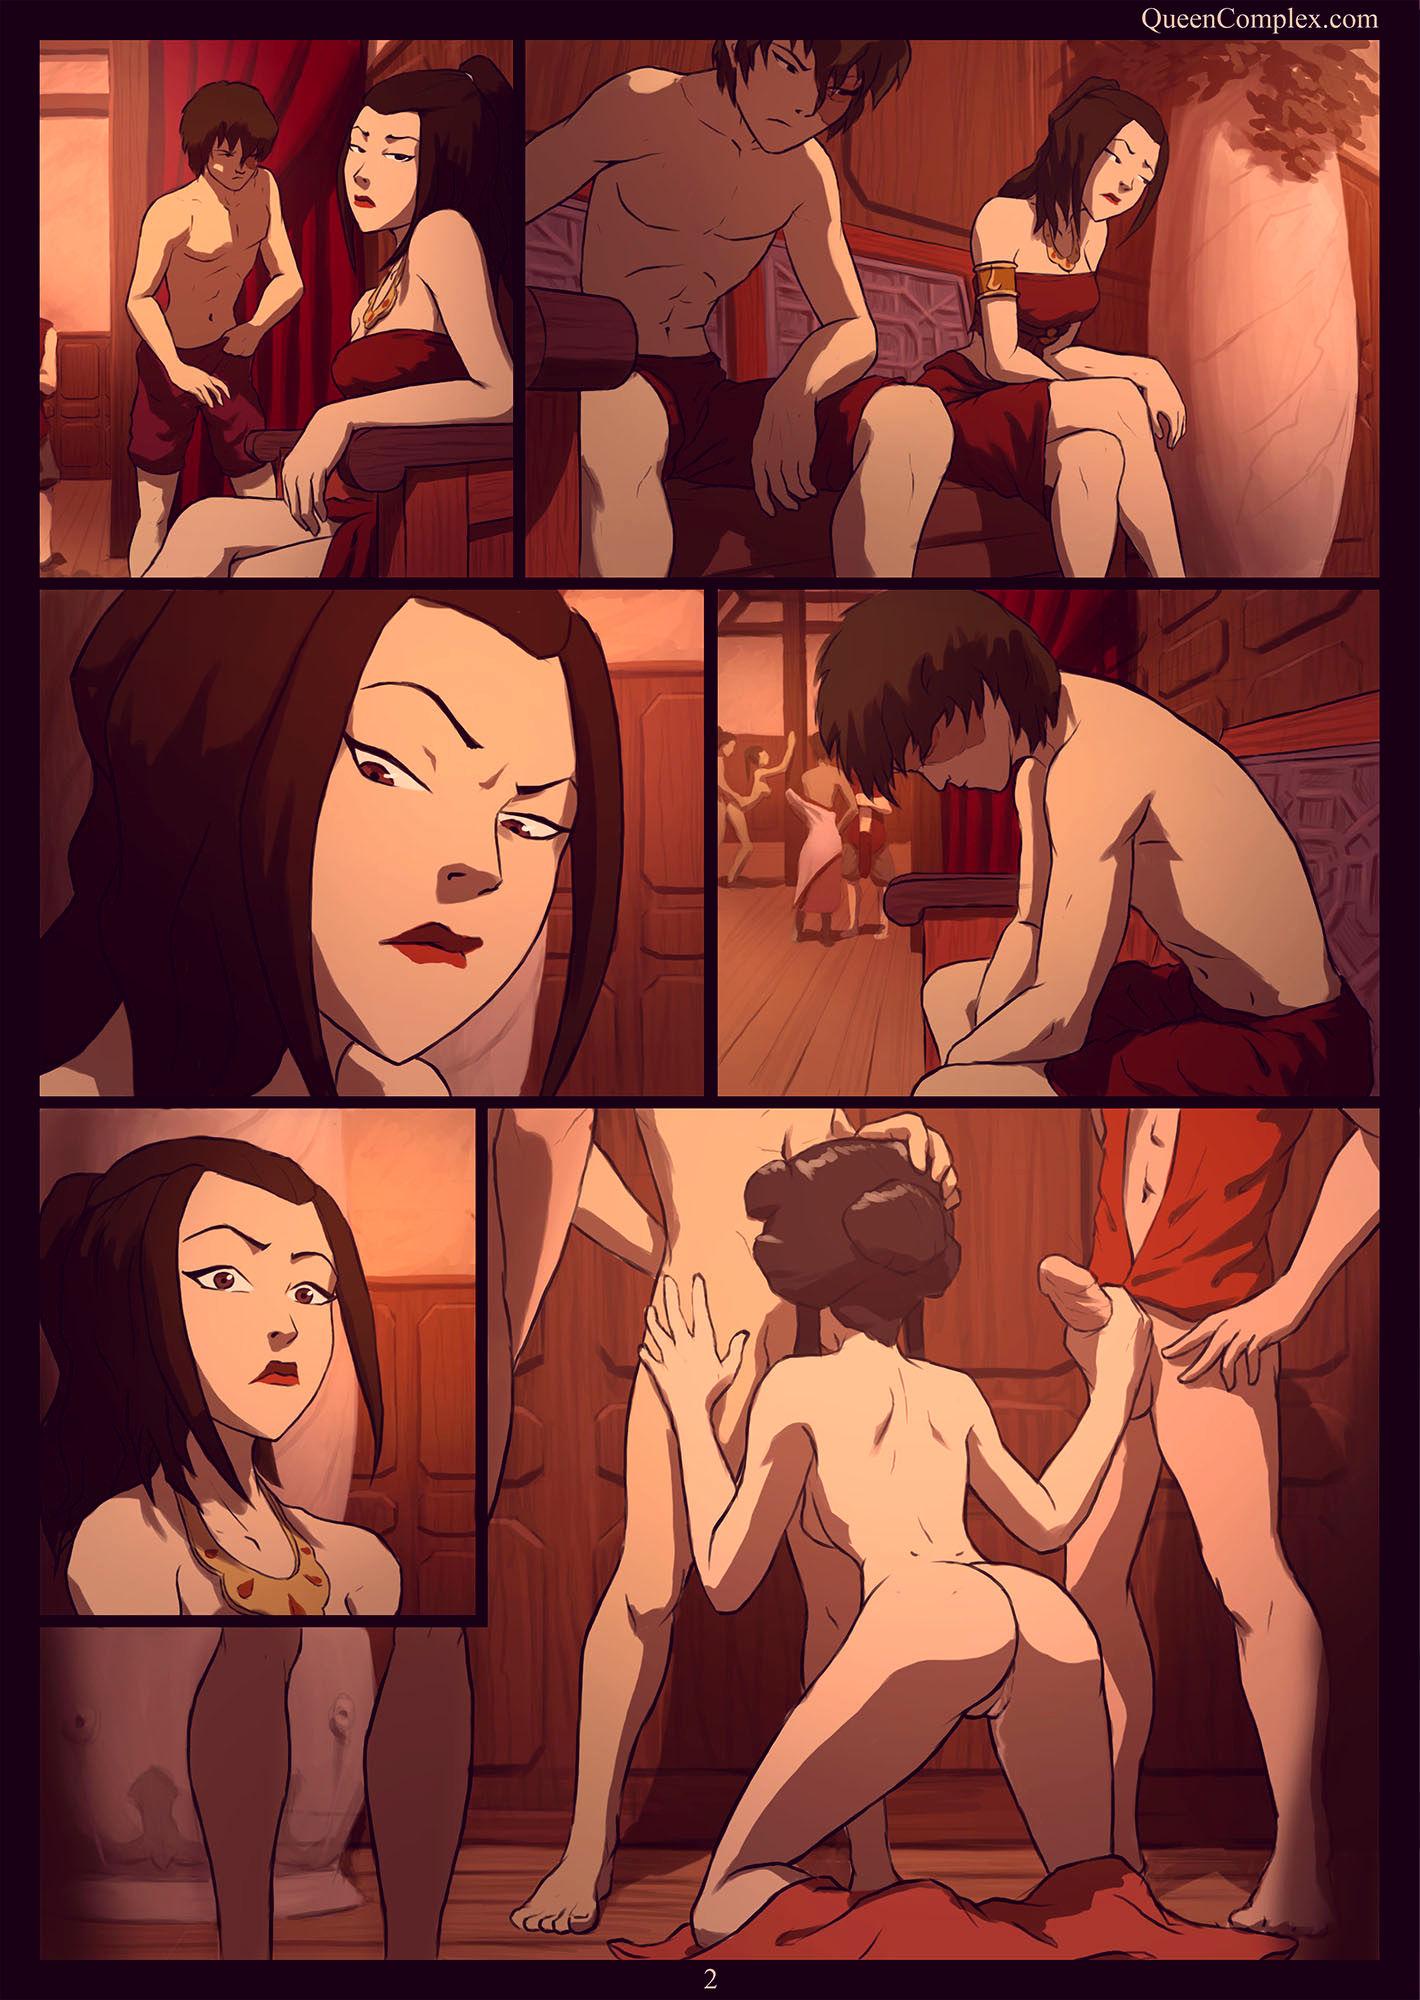 Fresh air porn comic picture 3